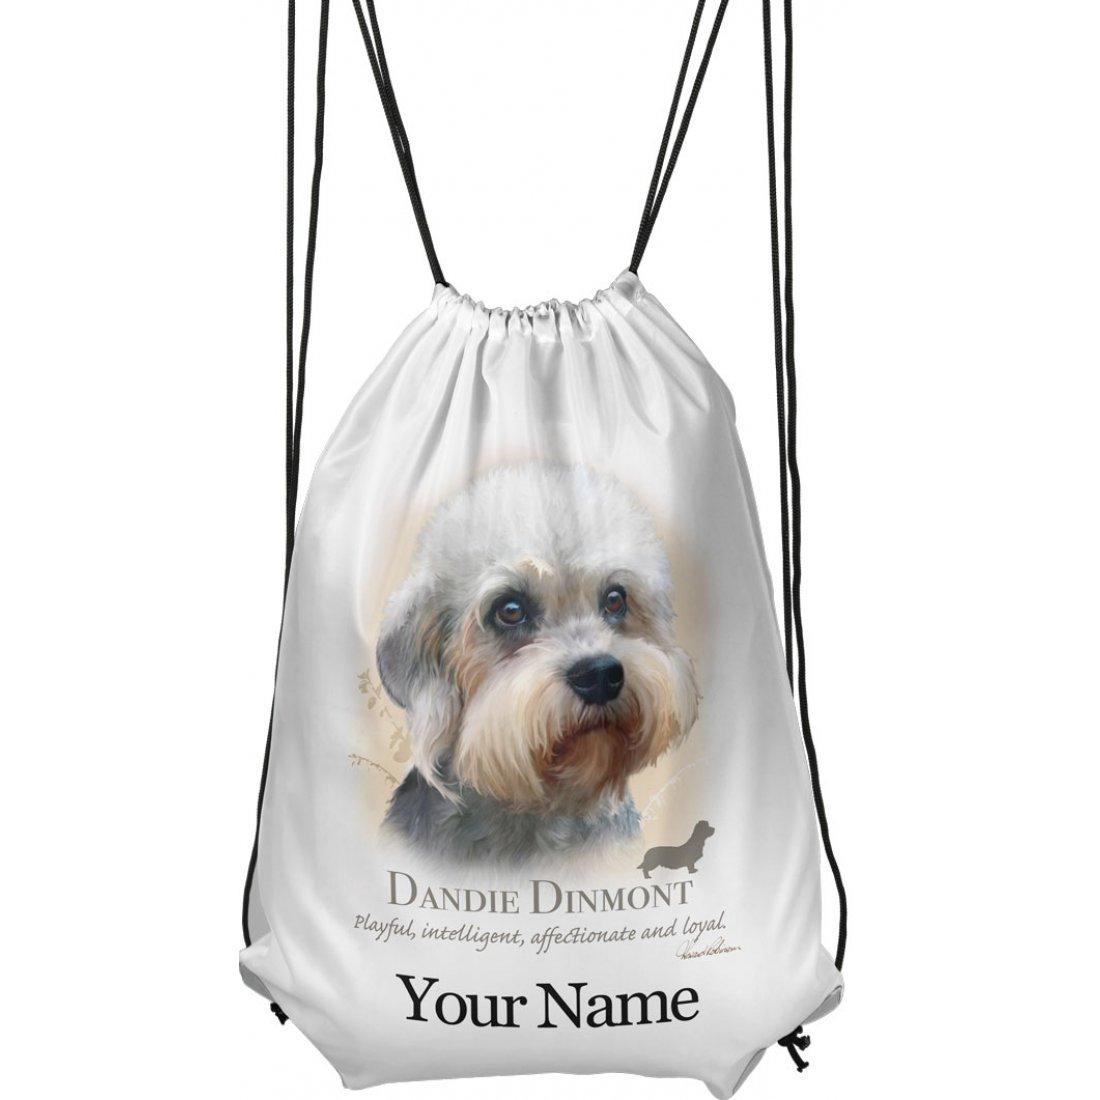 Personalised Dandie Dinmont Drawstring Gym Bag